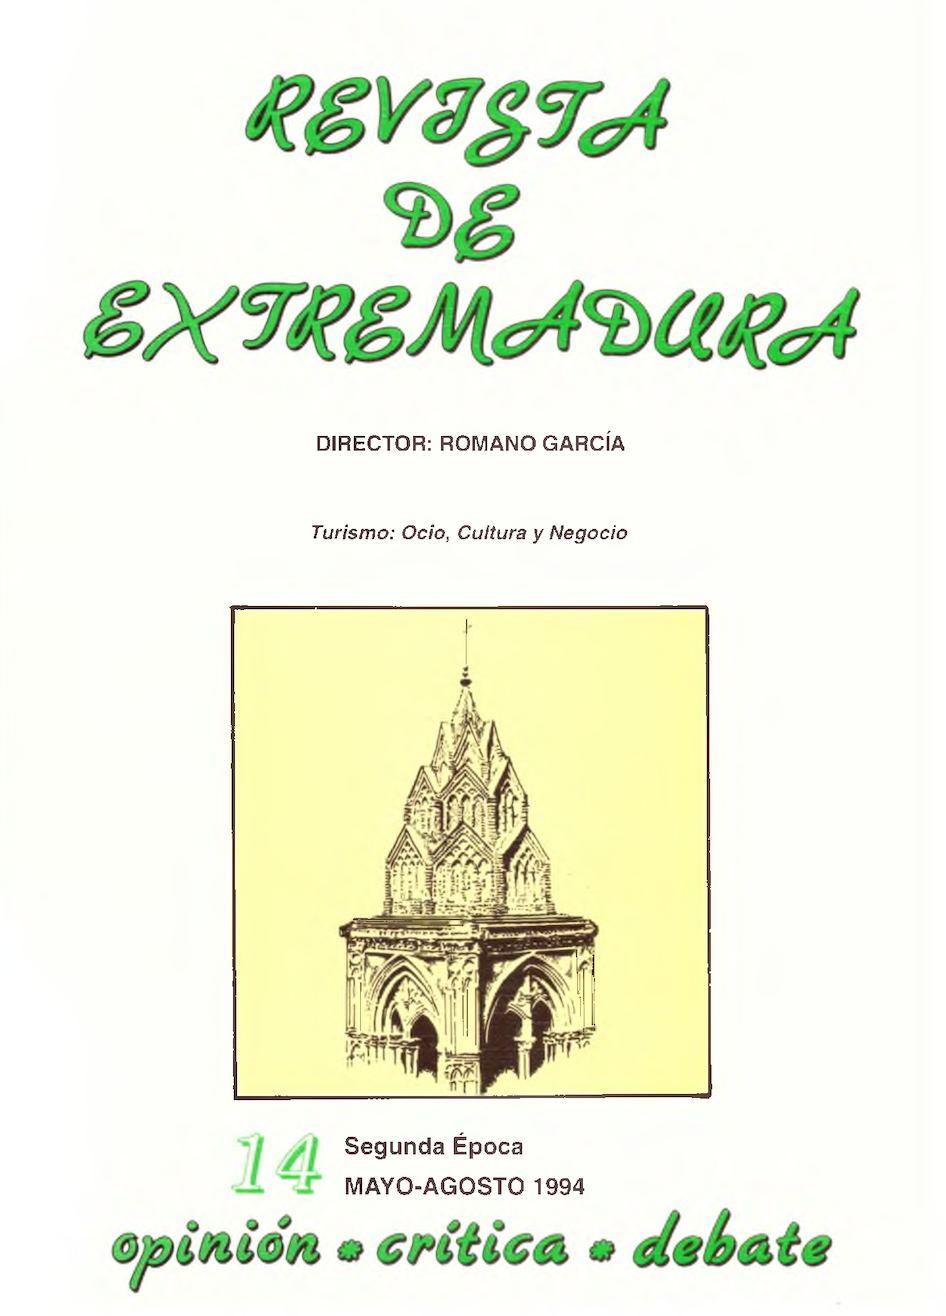 7e94595a20d41 Calaméo - Revista de Extremadura nº 14 sobre Turismo por Romano García